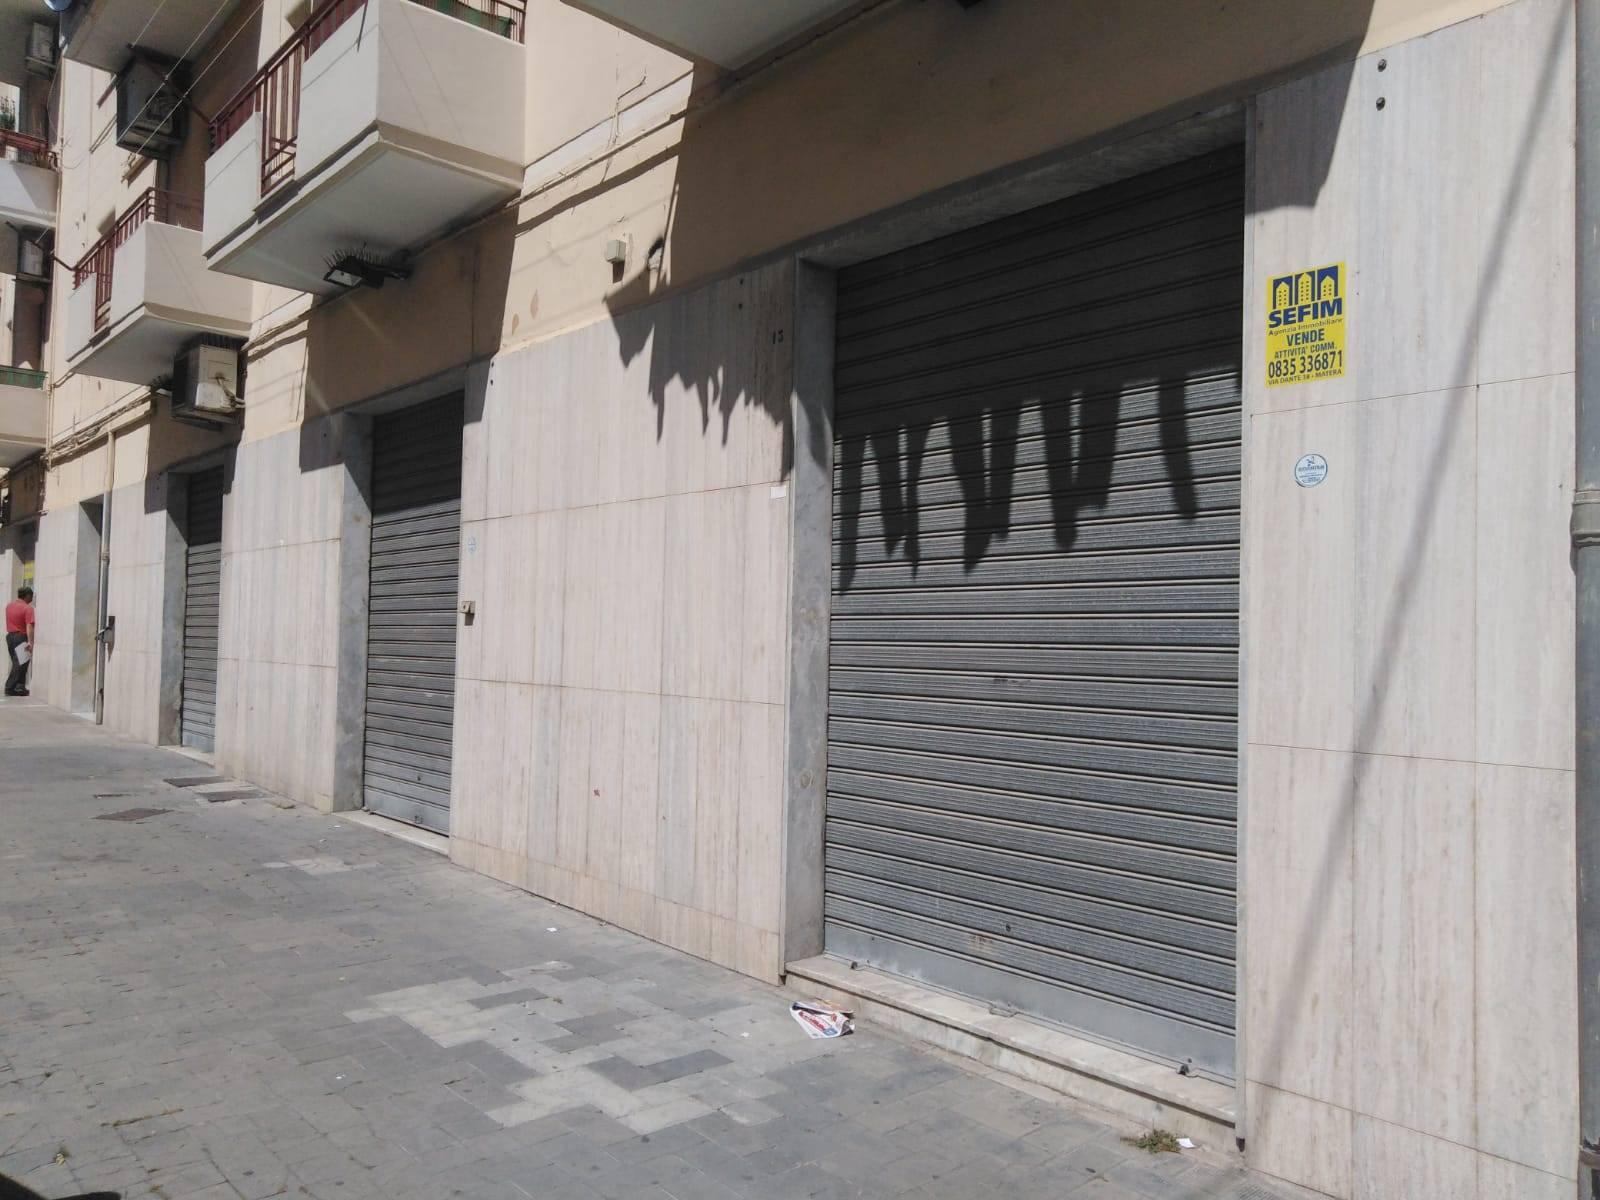 Attività / Licenza in affitto a Matera, 3 locali, zona Zona: Semicentro Nord, prezzo € 3.300 | CambioCasa.it